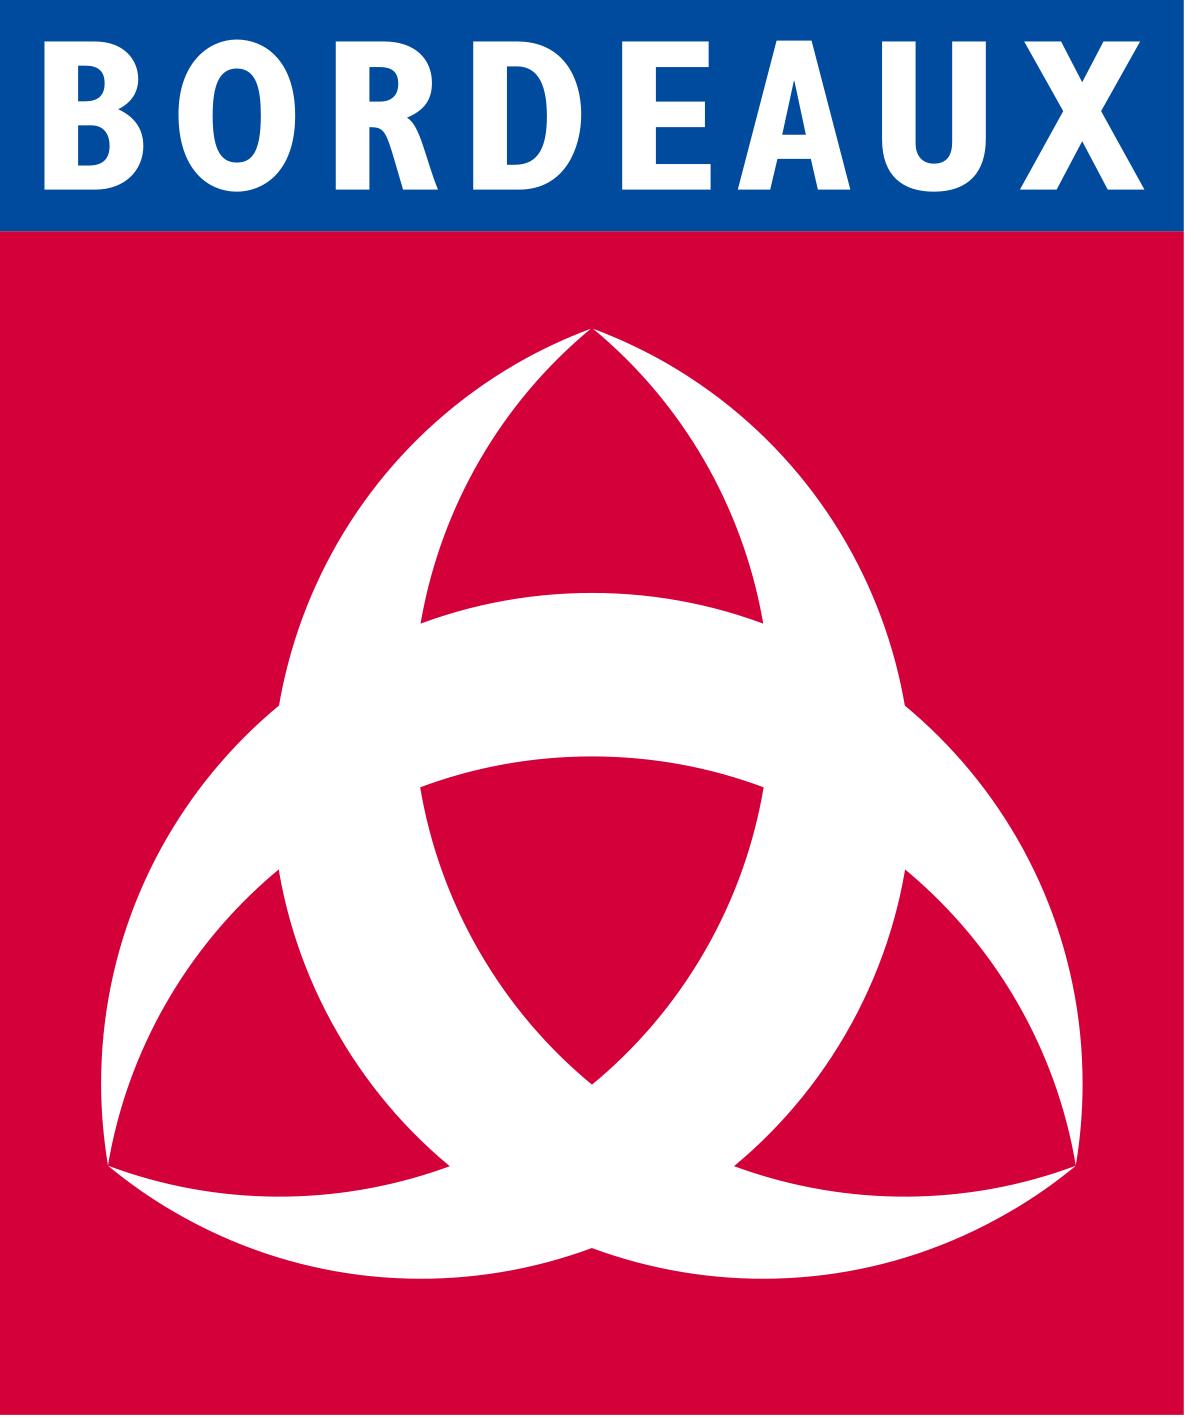 [Étudiants] Menu signature + Cours de fitness offerts au jardin public de Bordeaux (33)